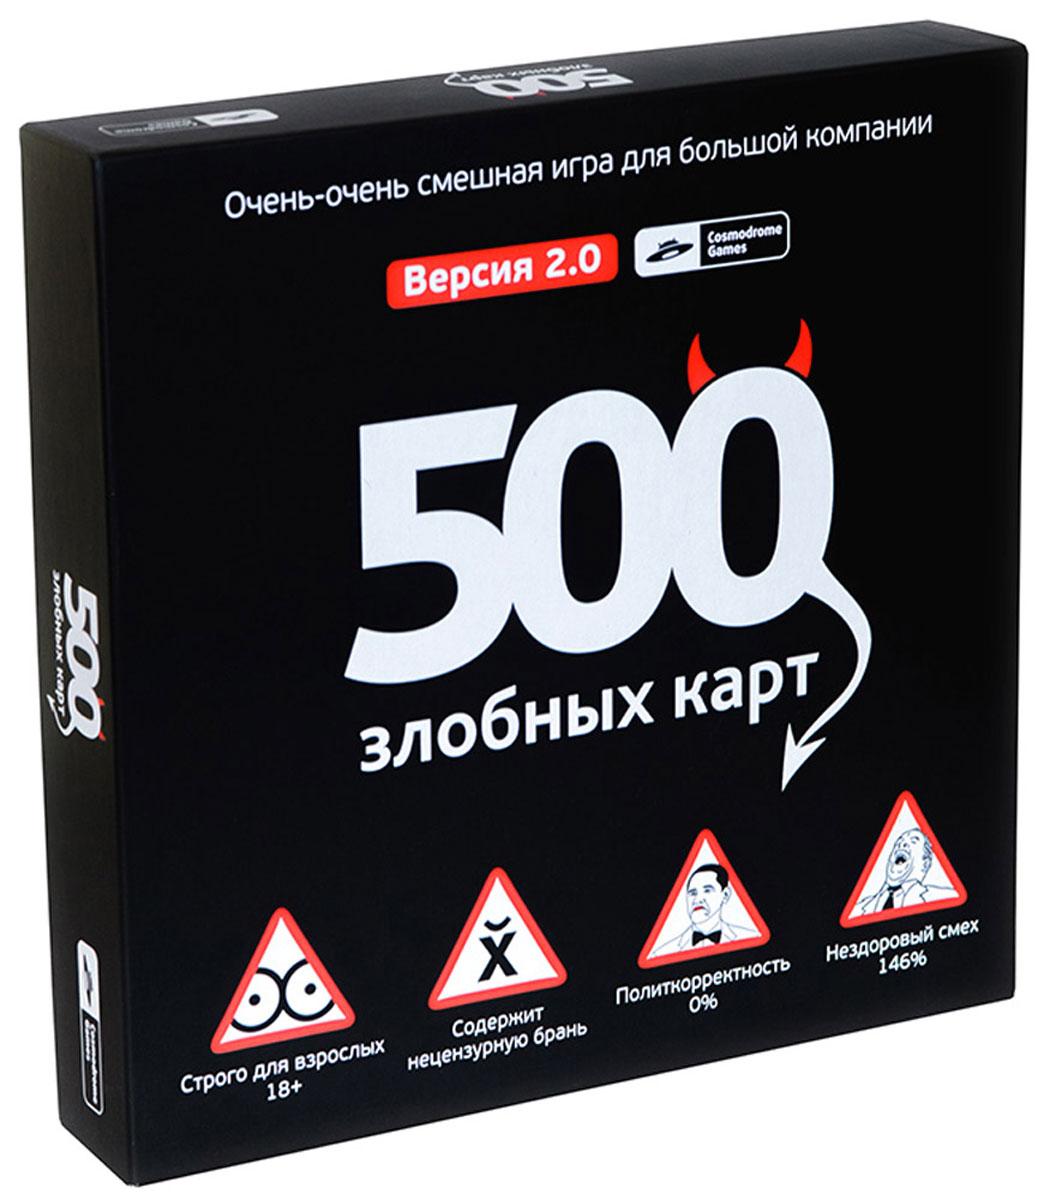 Cosmodrome Games Настольная игра 500 злобных карт Версия 2.052006Настольная игра Cosmodrome Games 500 злобных карт - это одна из самых продаваемых игр для взрослых вечеринок в России (около 2000 экземпляров в месяц). Один из игроков зачитывает карточку с вопросом. Все остальные ищут в своих картах самый смешной ответ. В игре много юмора на грани и взрослых тем, что делает ее особенно привлекательной для компании, собравшейся отдохнуть.